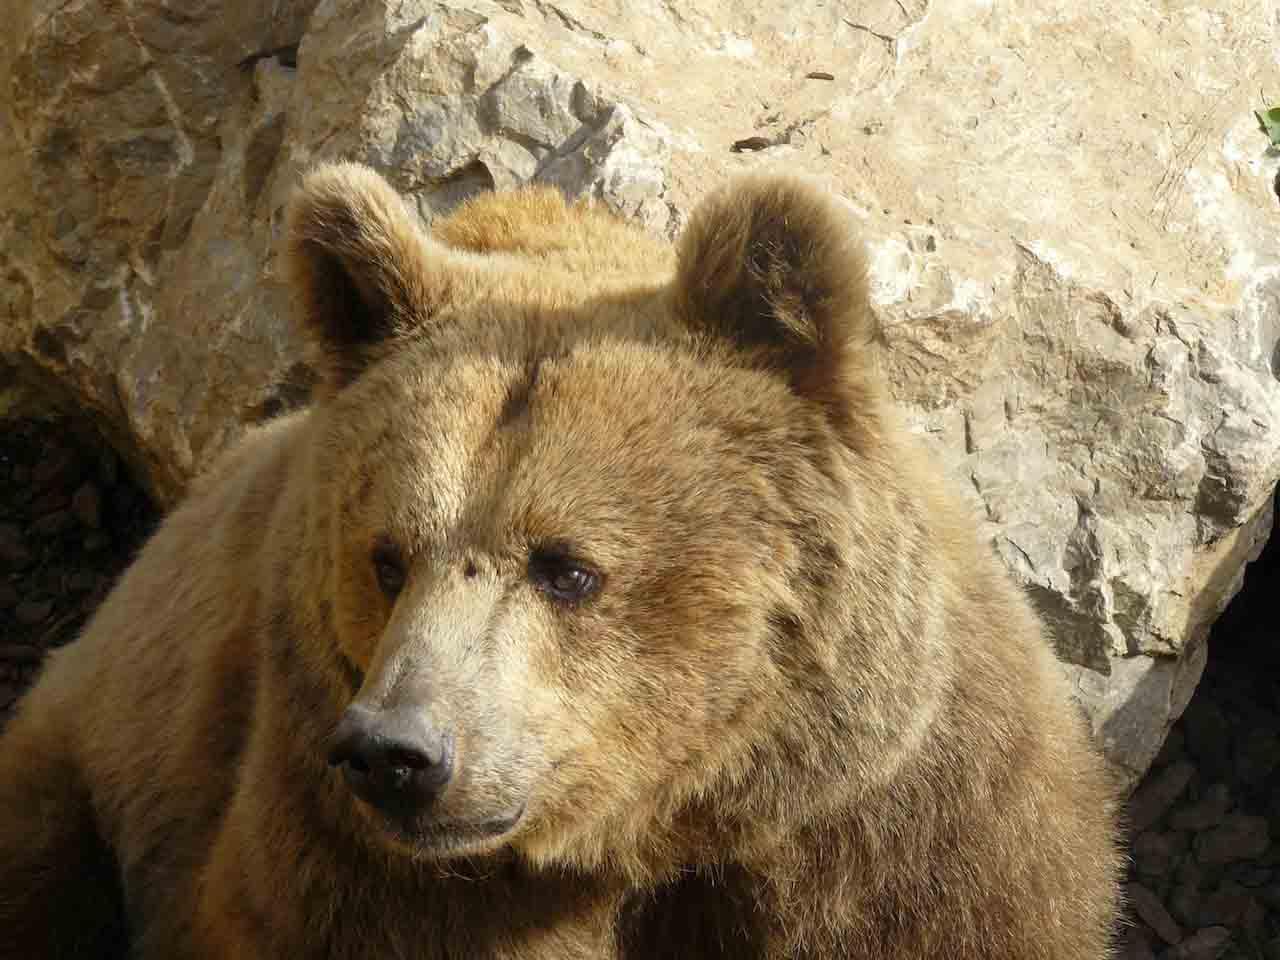 Orso in Val Taleggio: sabato 27 aprile incontro aperto al pubblico